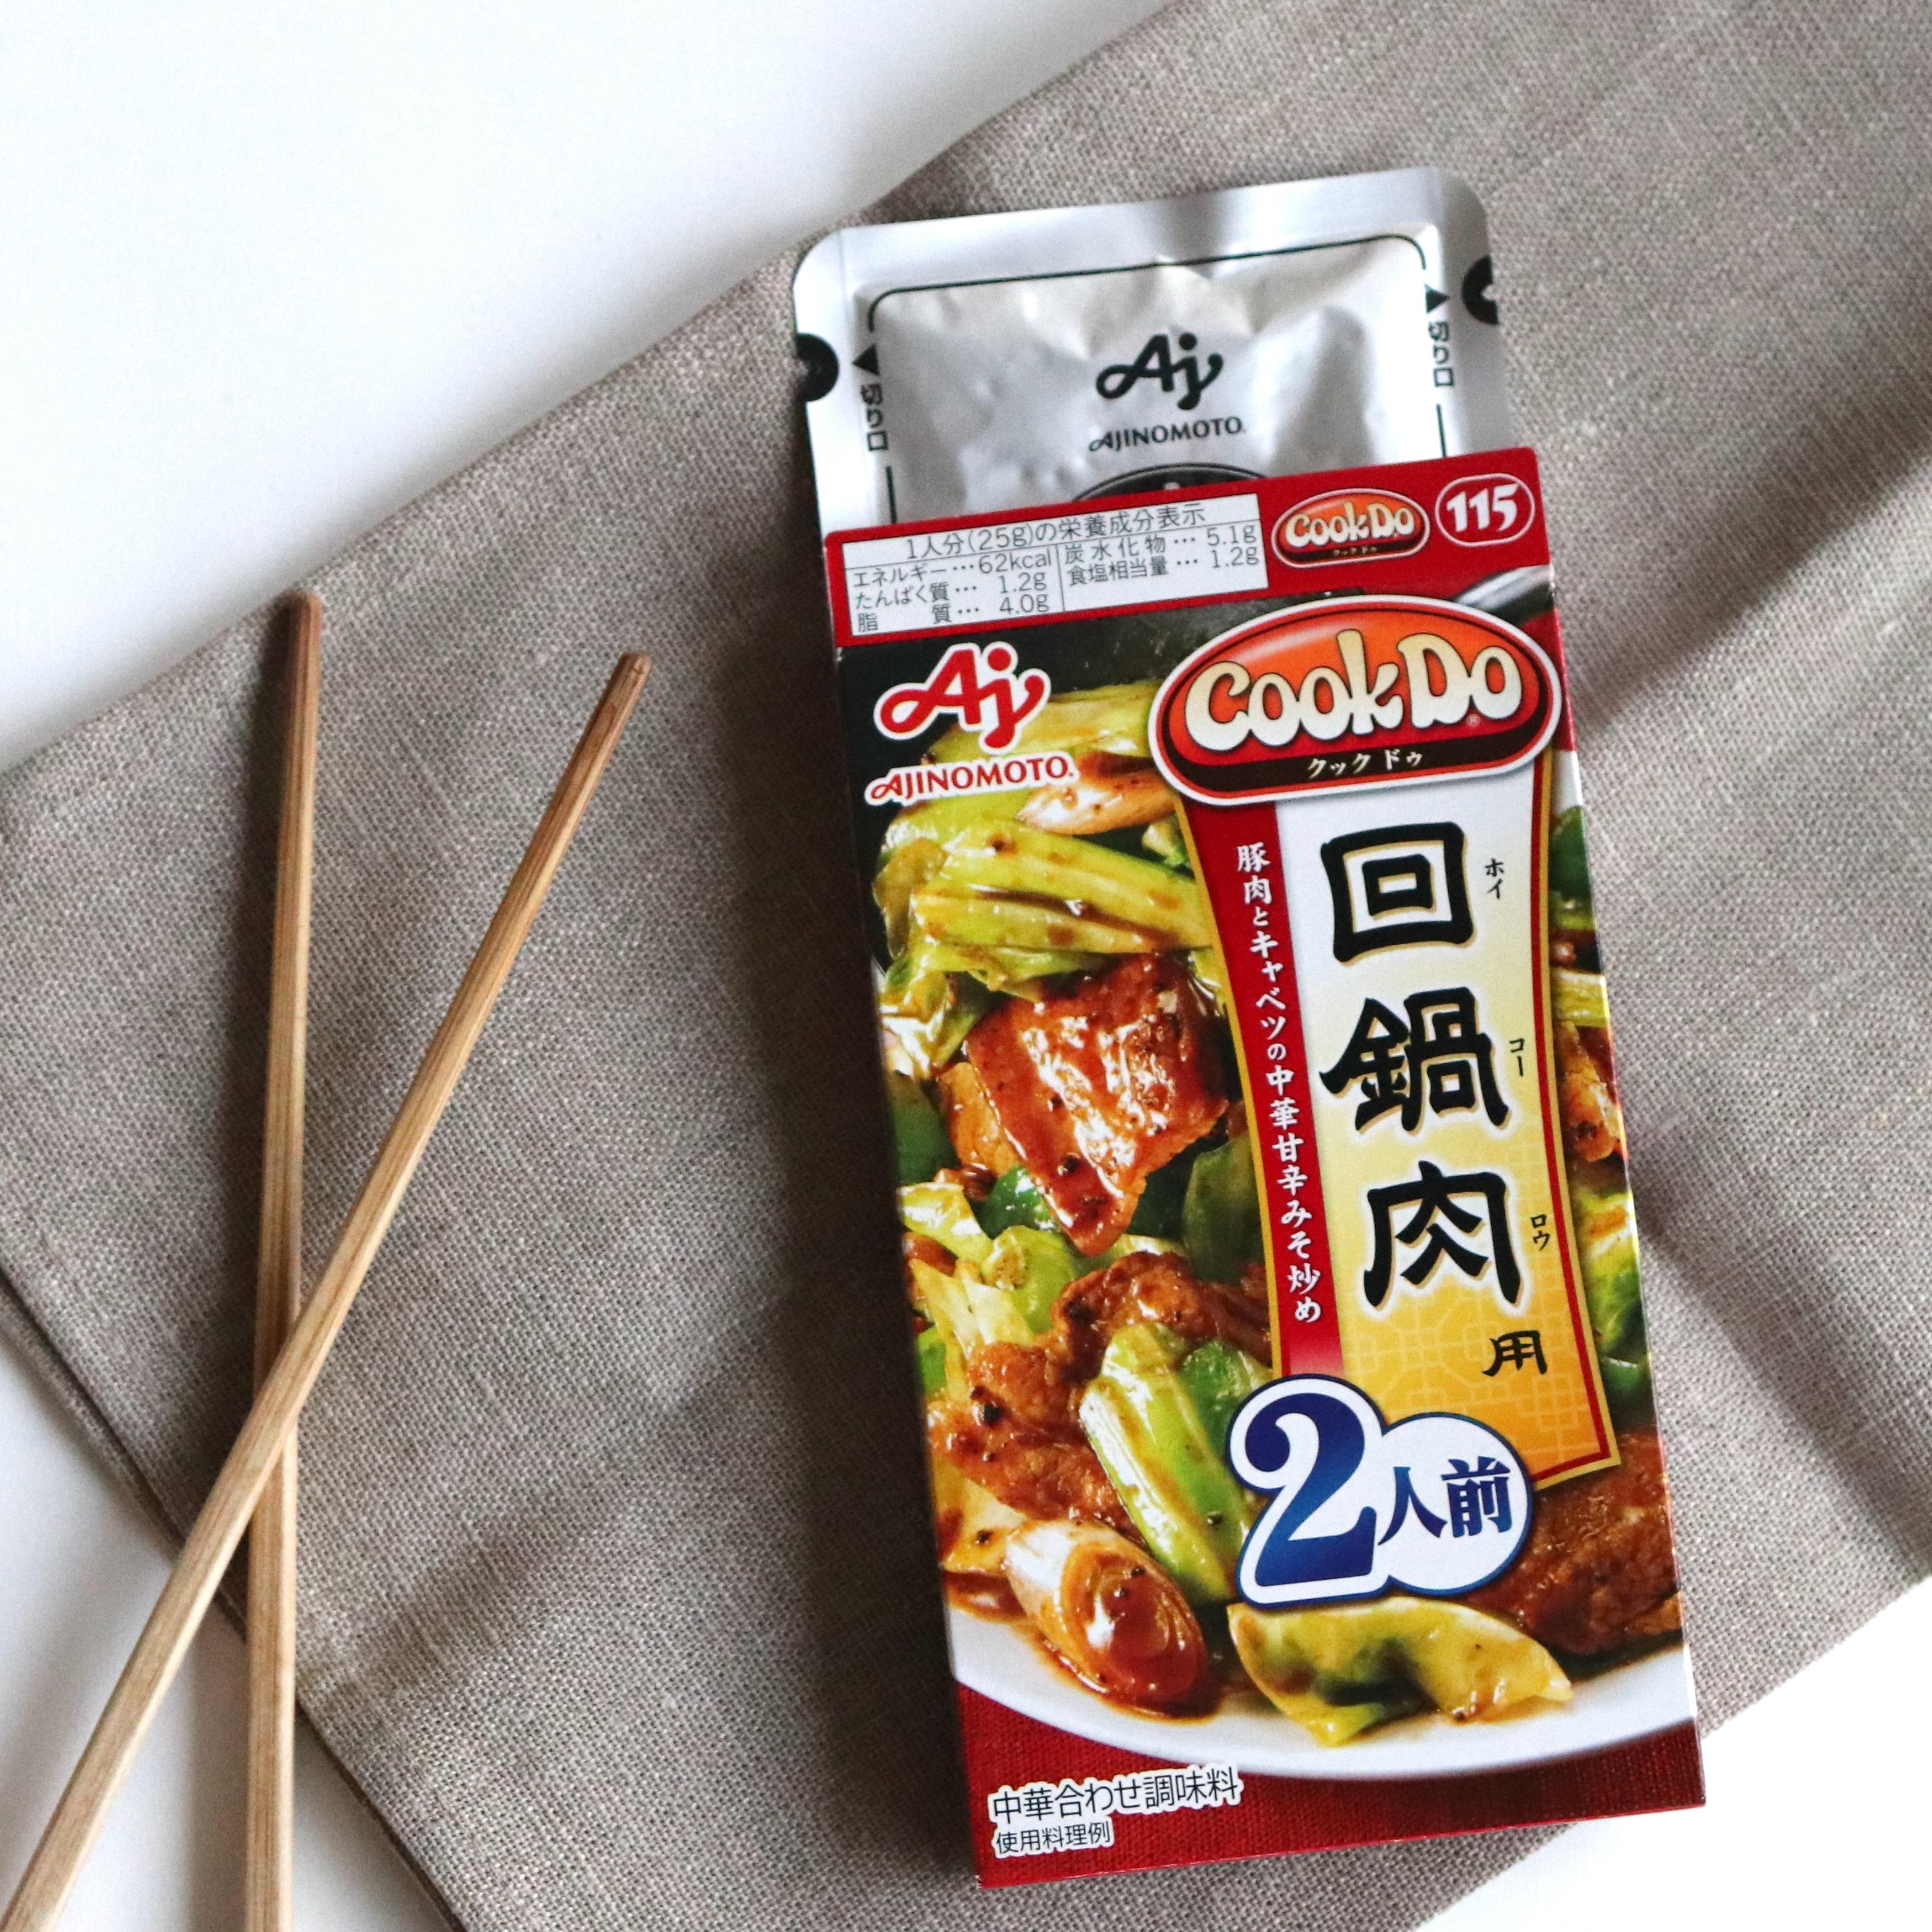 Ajinomoto クックドゥ 回鍋肉(2人分)画像